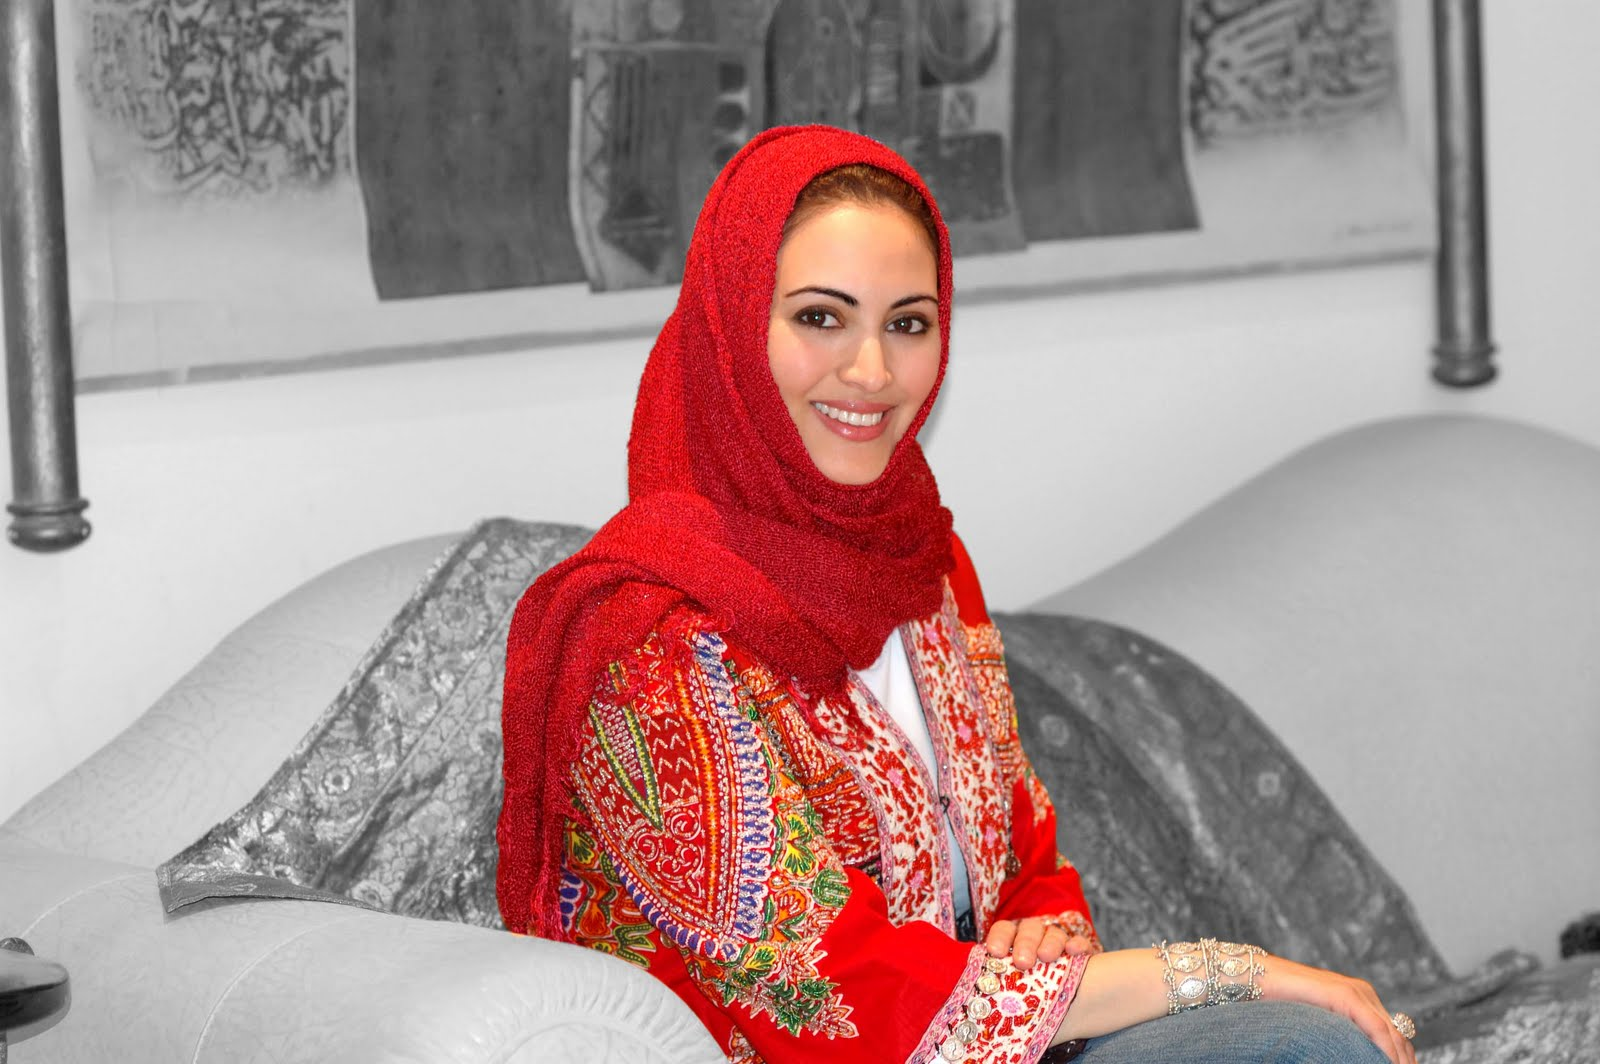 Самая красивая саудовская арабка Муна Абу Сулейман / Muna AbuSulayman фото